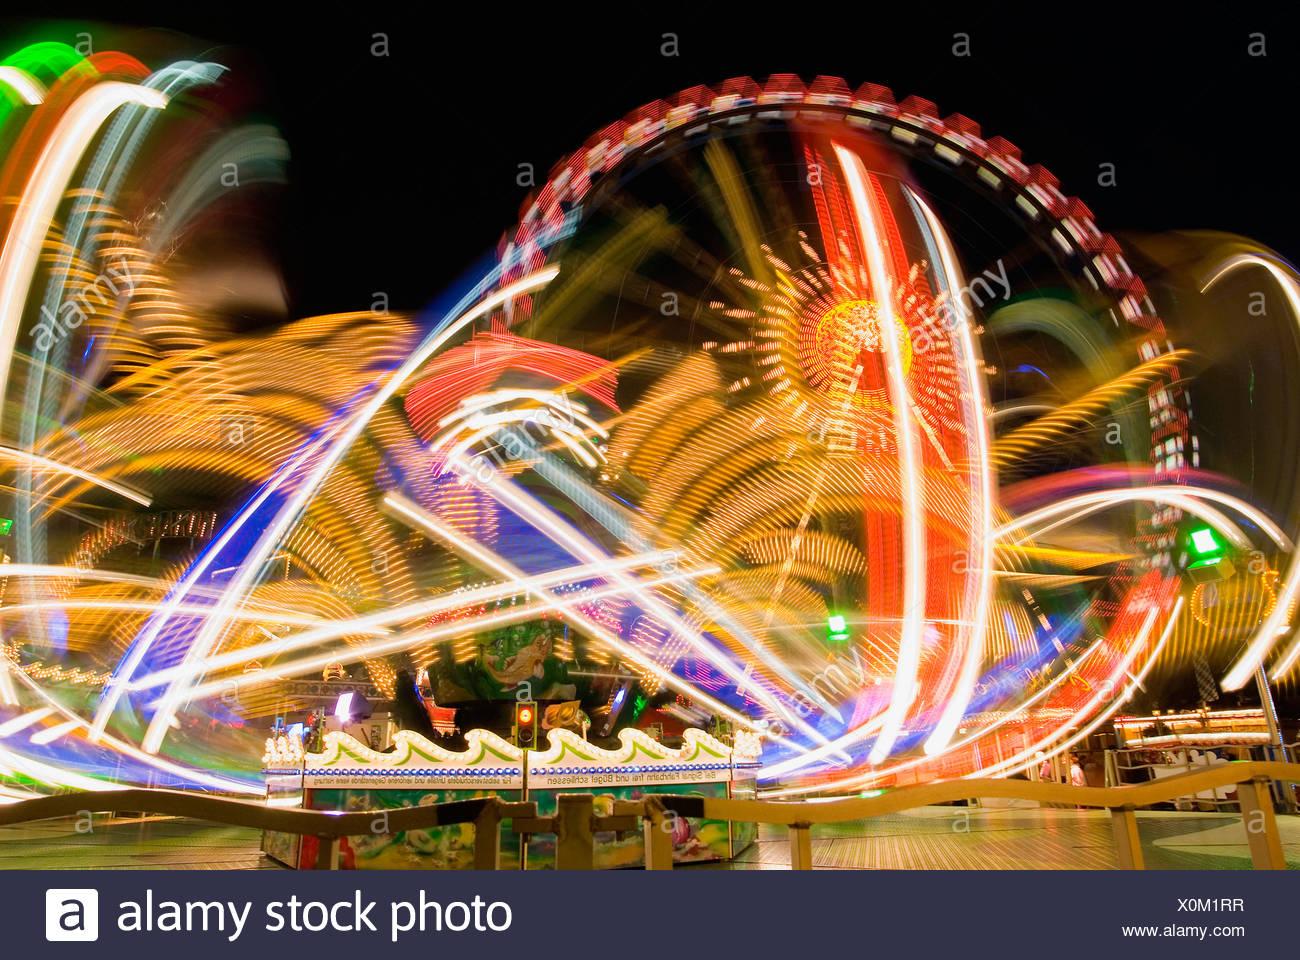 Las luces brillantes de paseos en un parque de diversiones Foto de stock